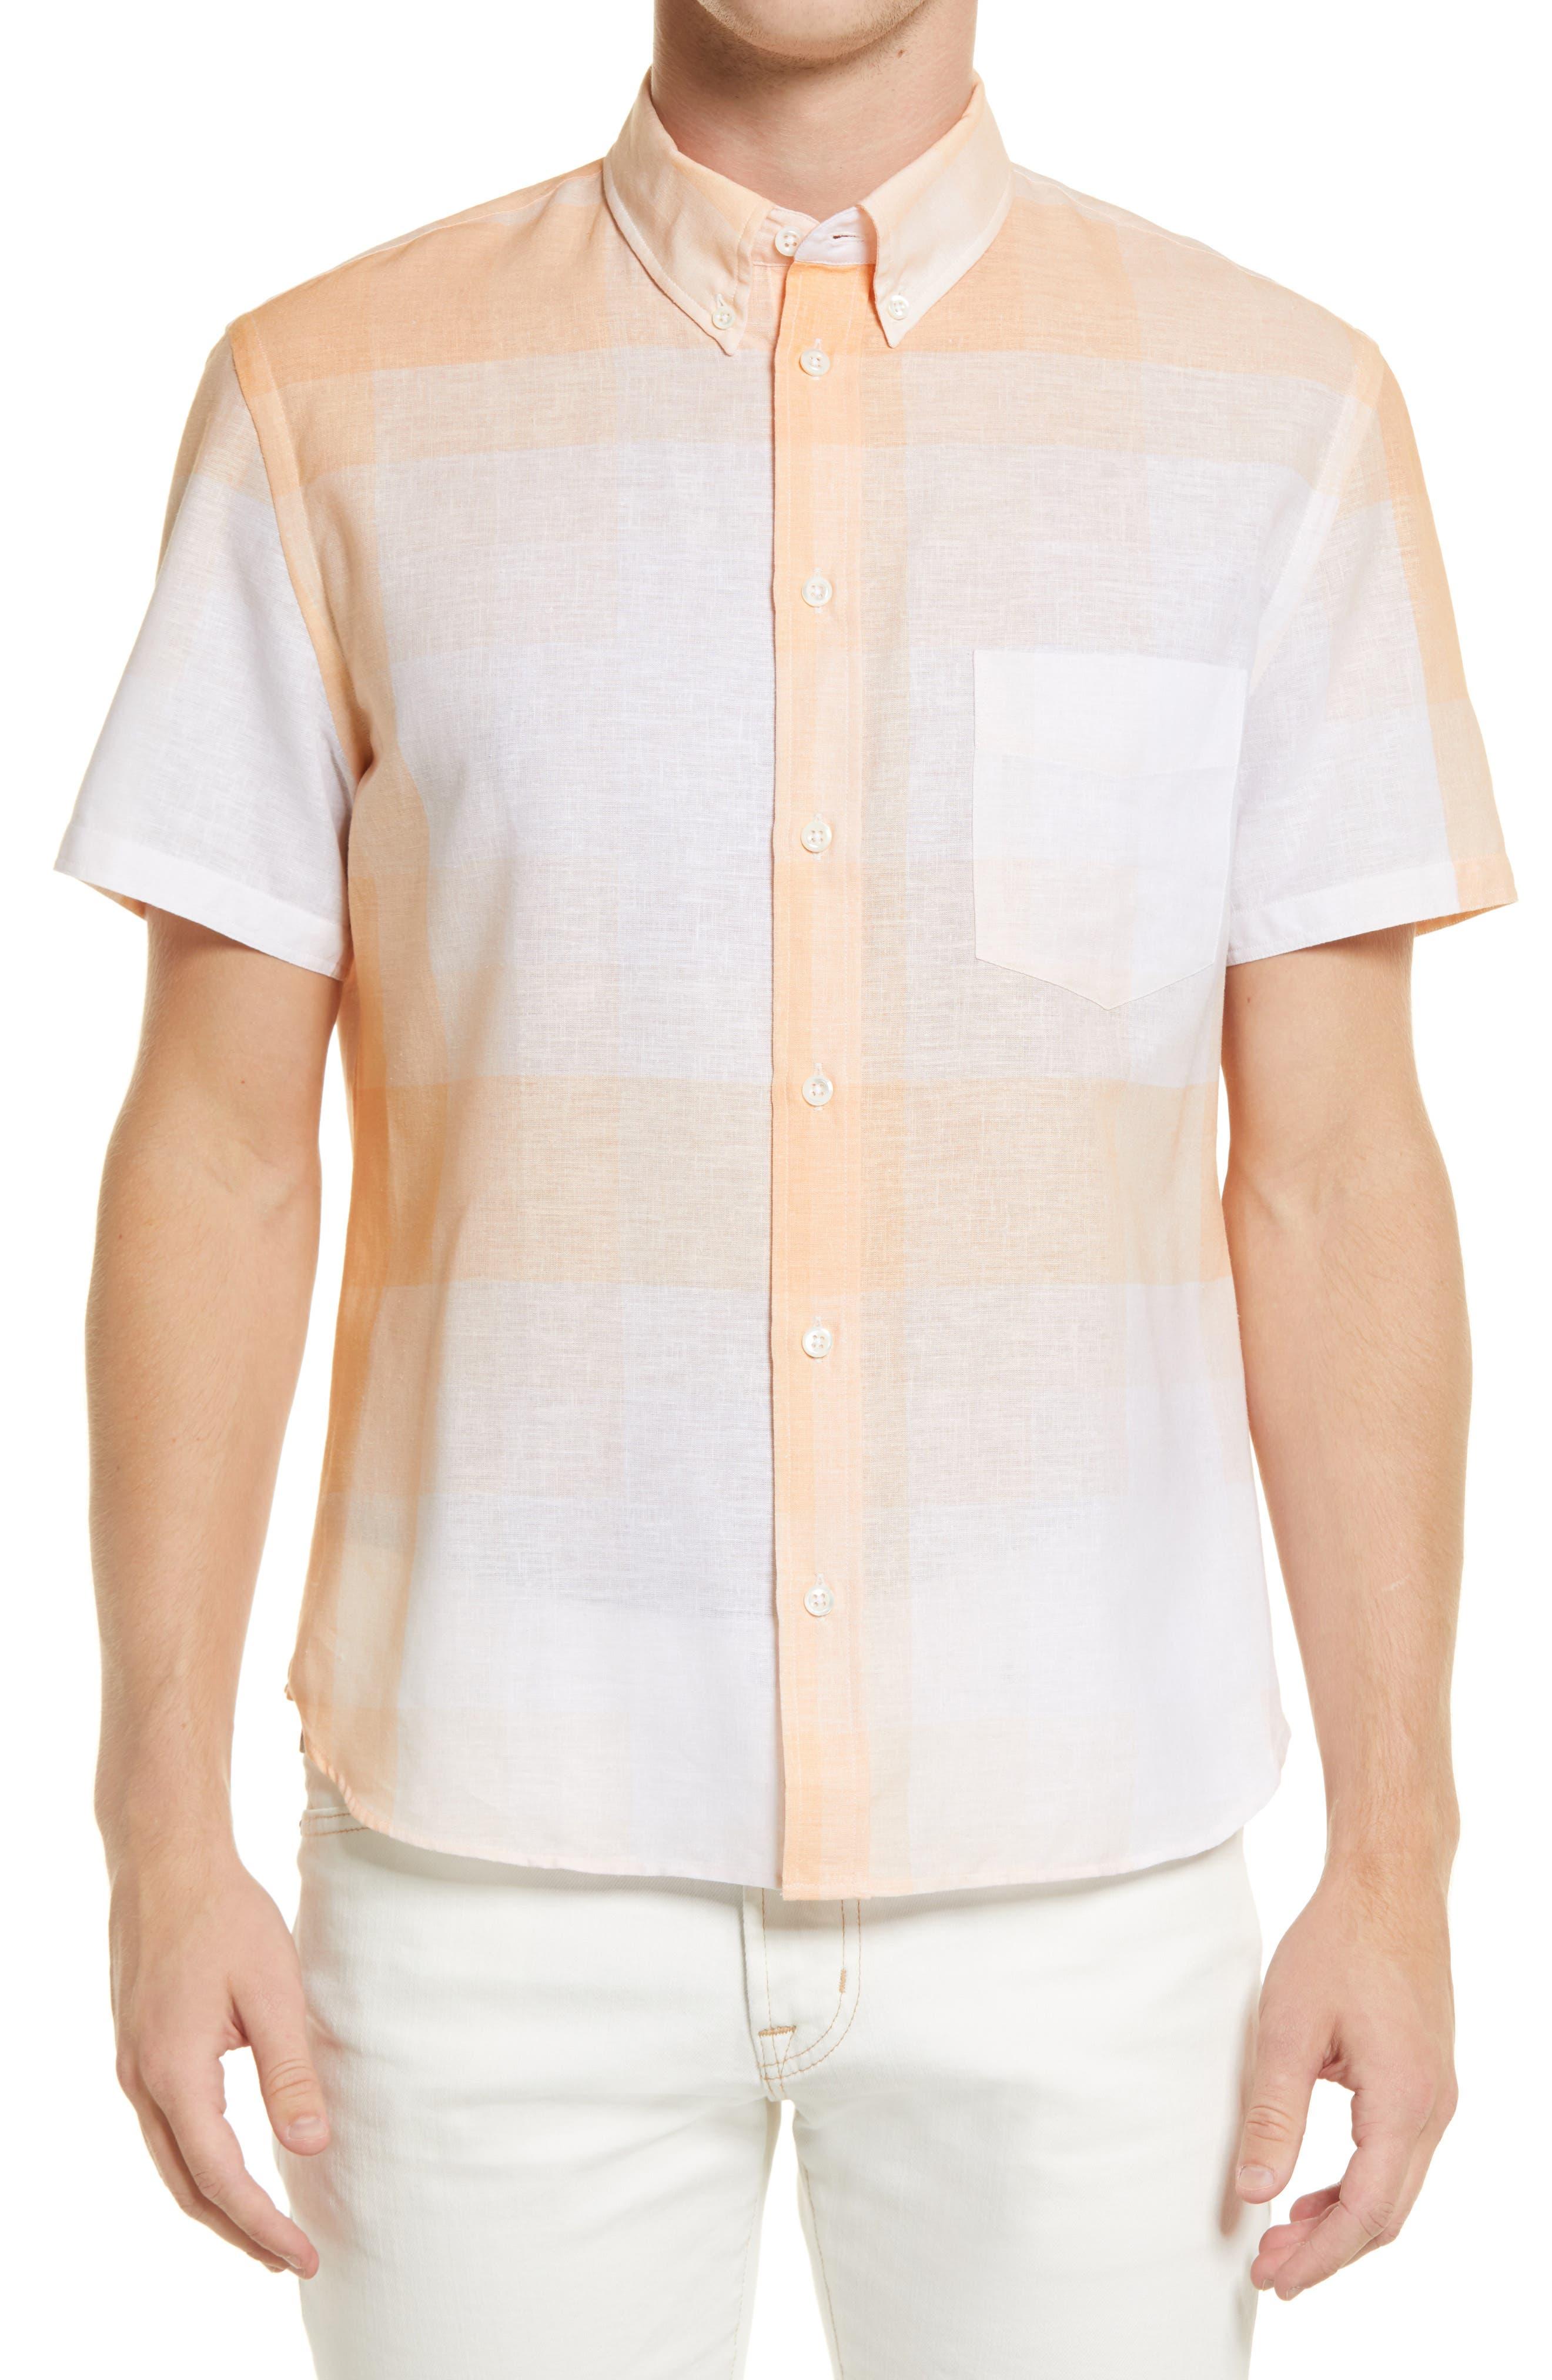 John Plaid Short Sleeve Shirt